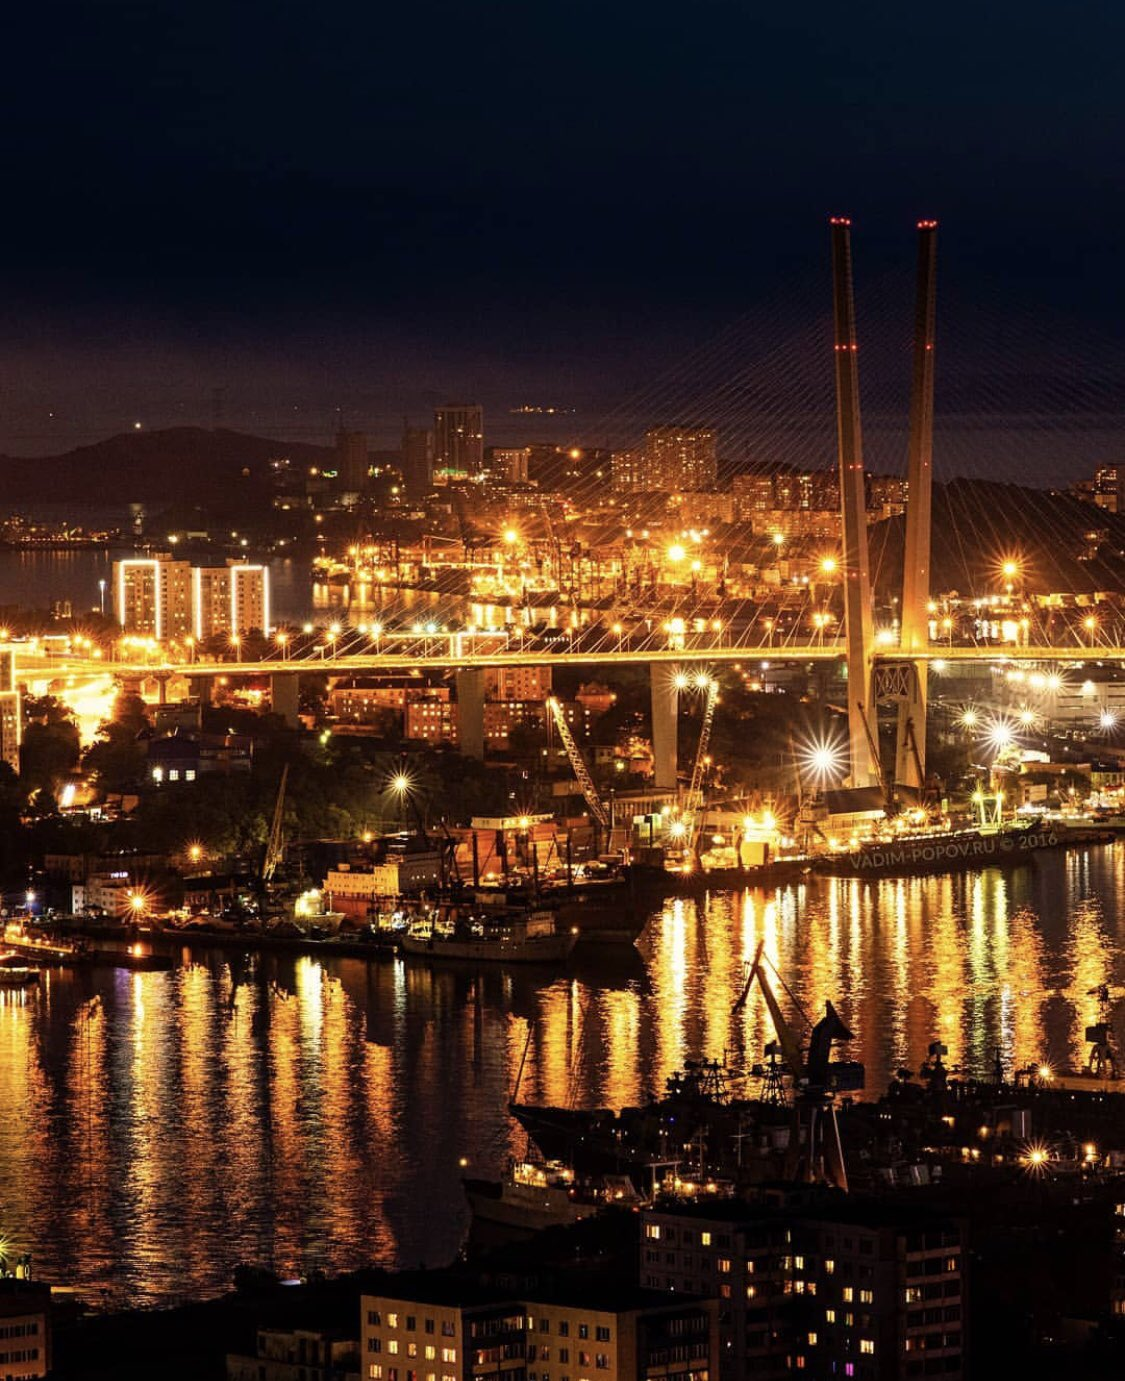 владивосток панорамные фото города что дожил